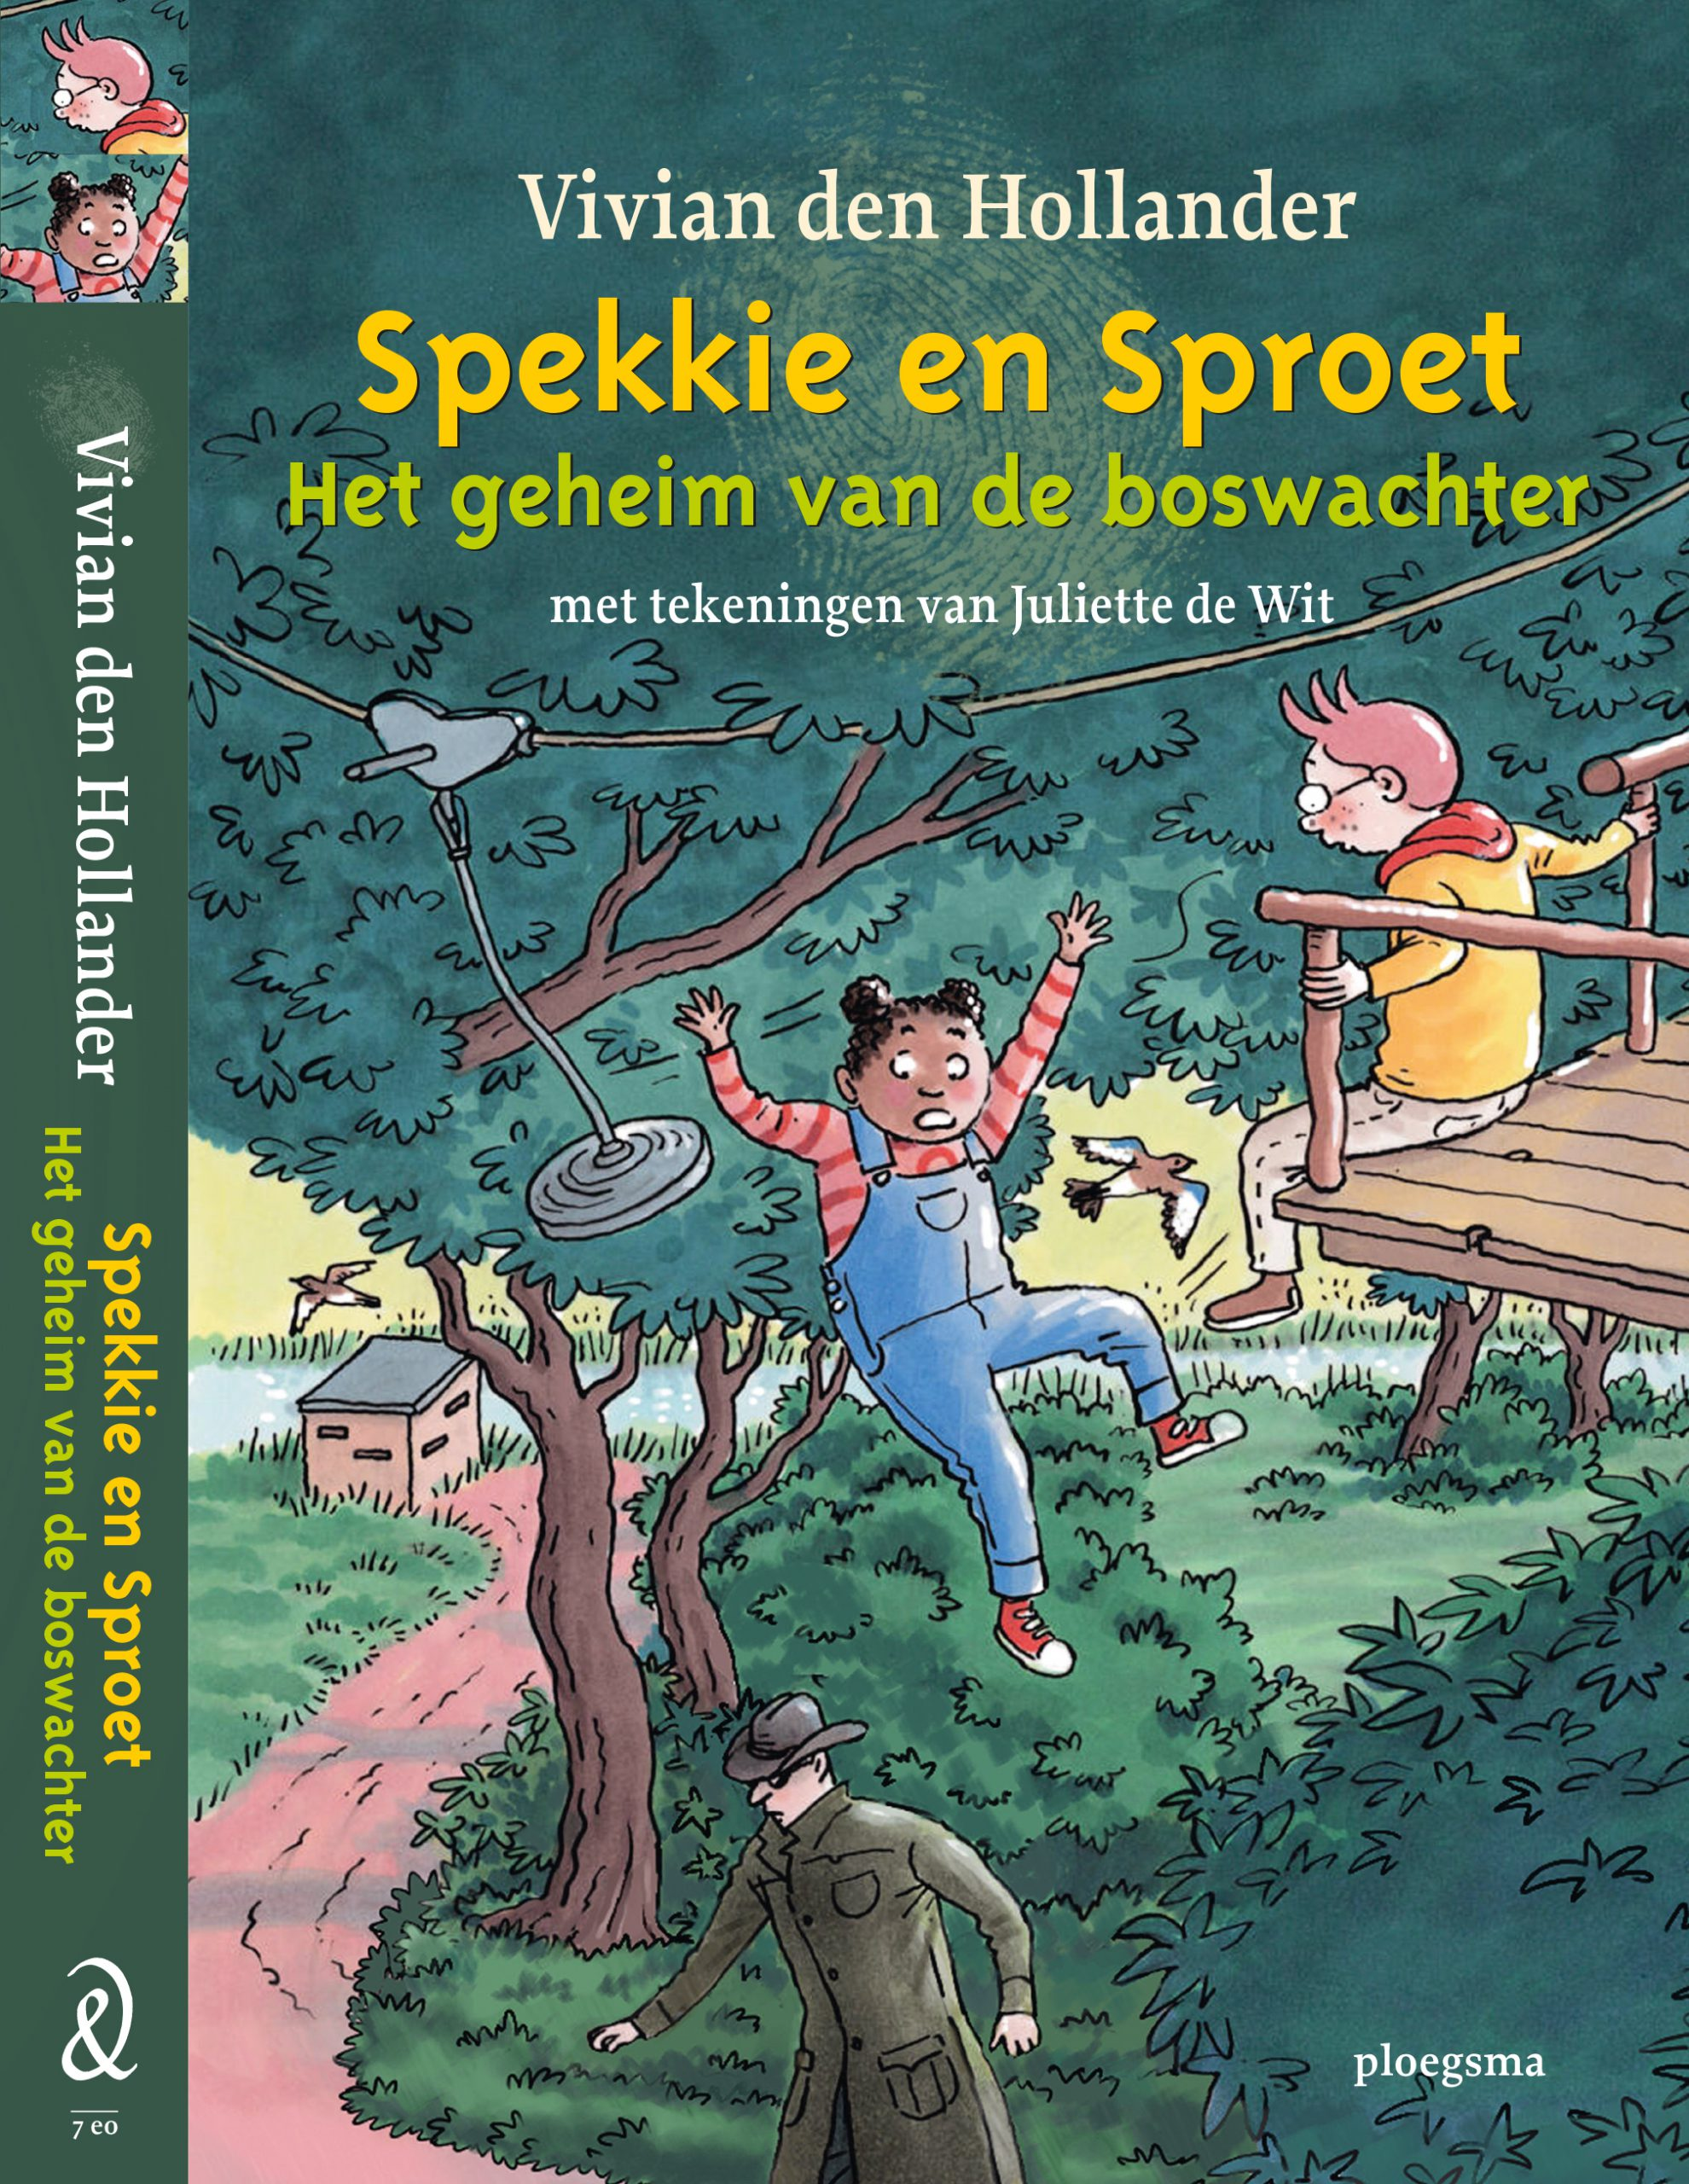 Spekkie en Sproet - het geheim van de boswachter